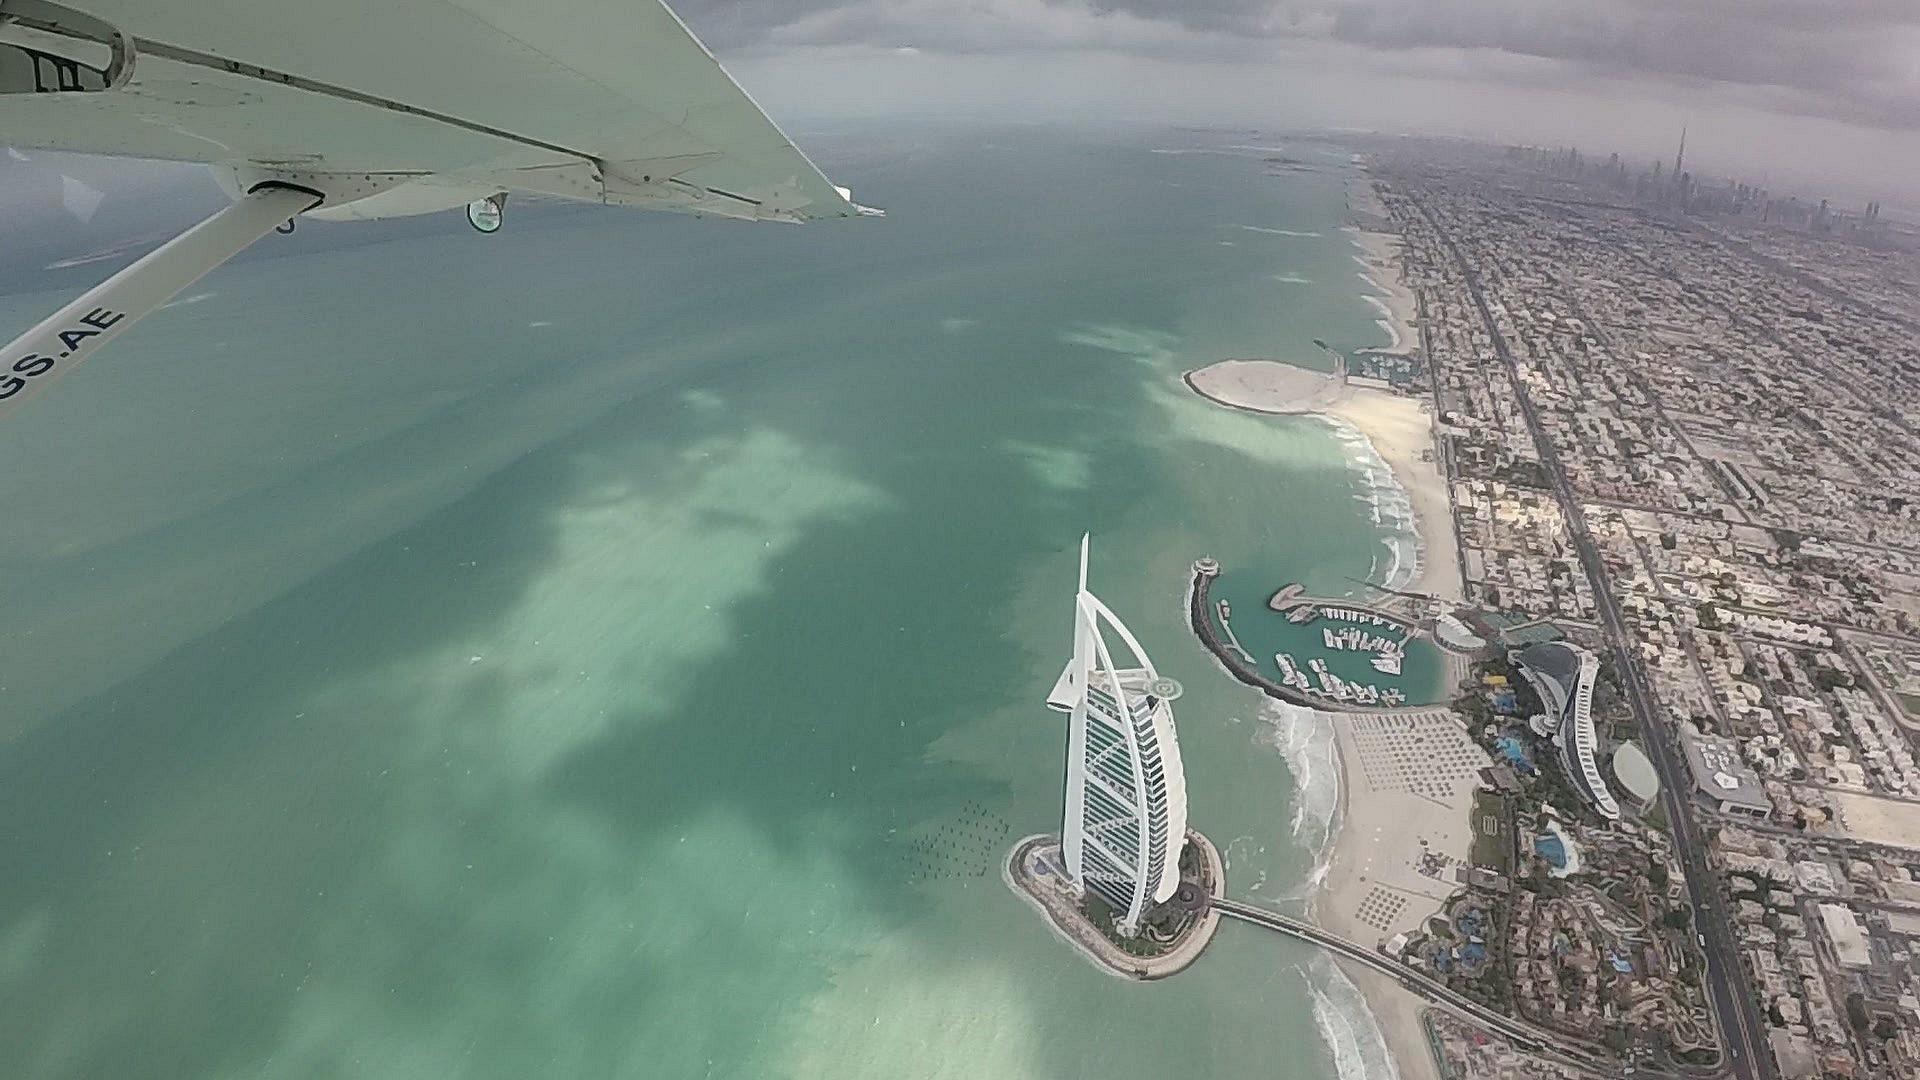 Полет через дубай купить недвижимость Абу-Даби и Дубай